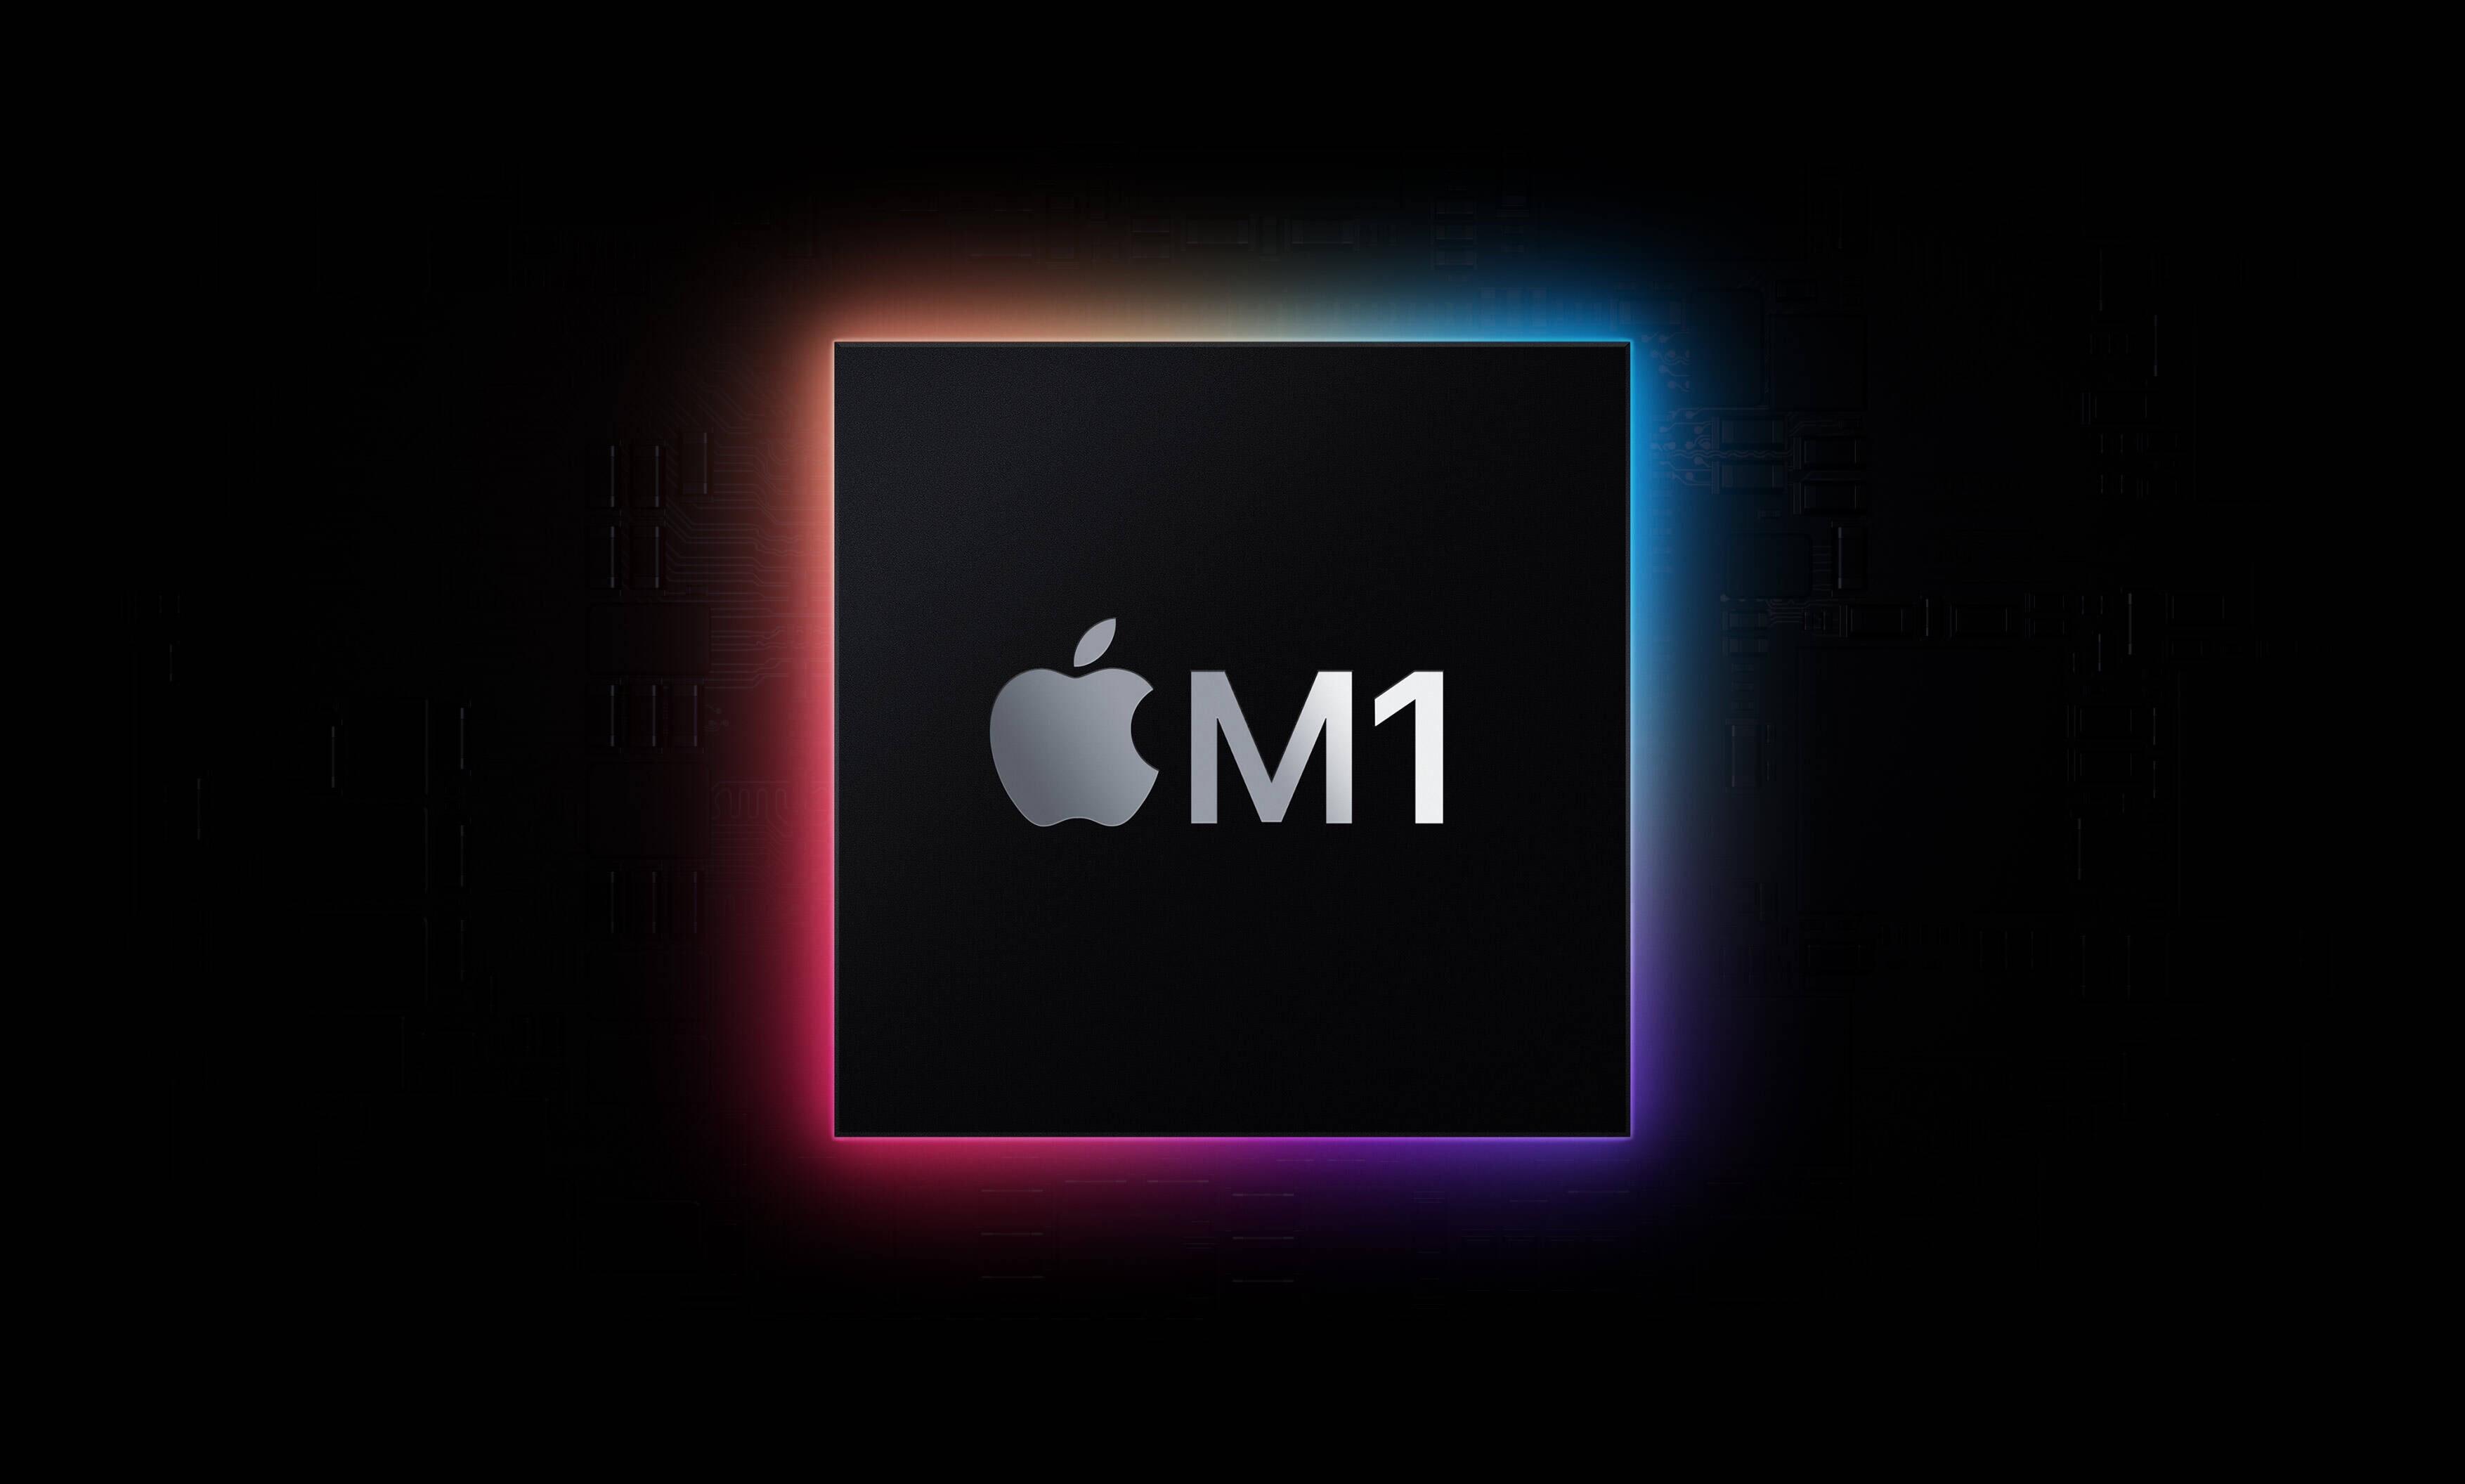 苹果M1芯片处理器怎么样?性能相当于什么水平级别?